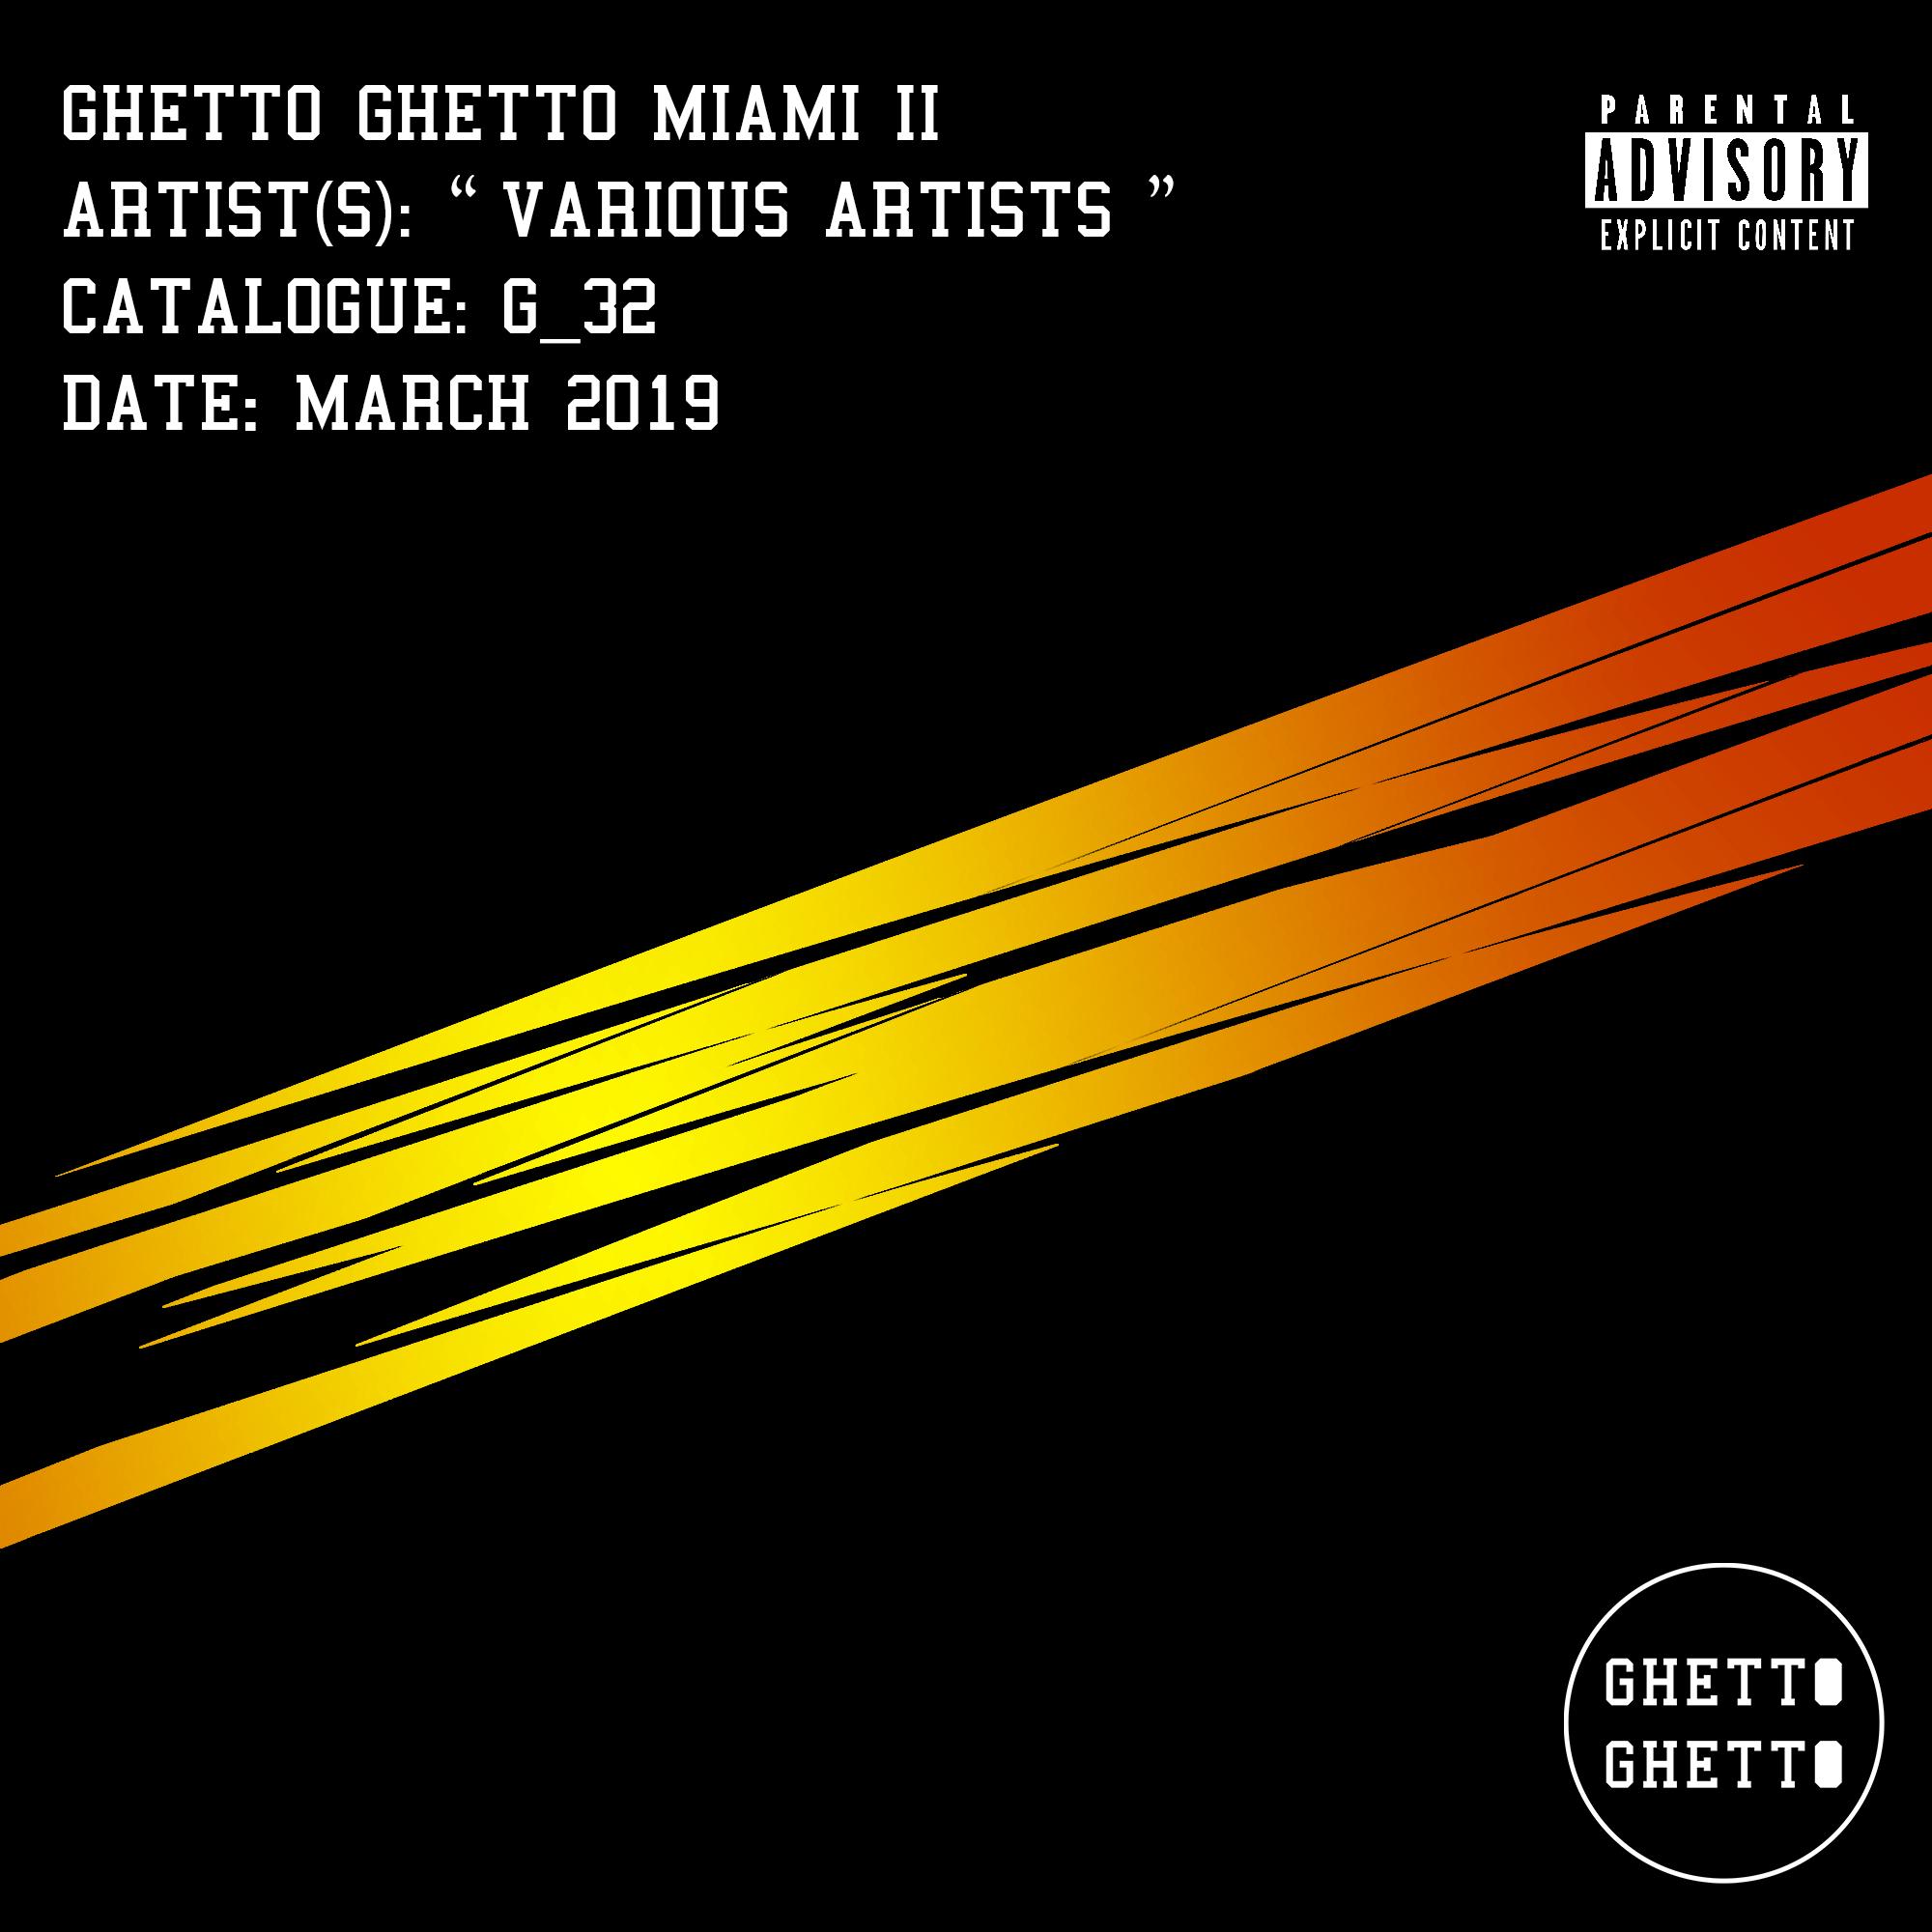 G_32 - Ghetto Ghetto Miami II